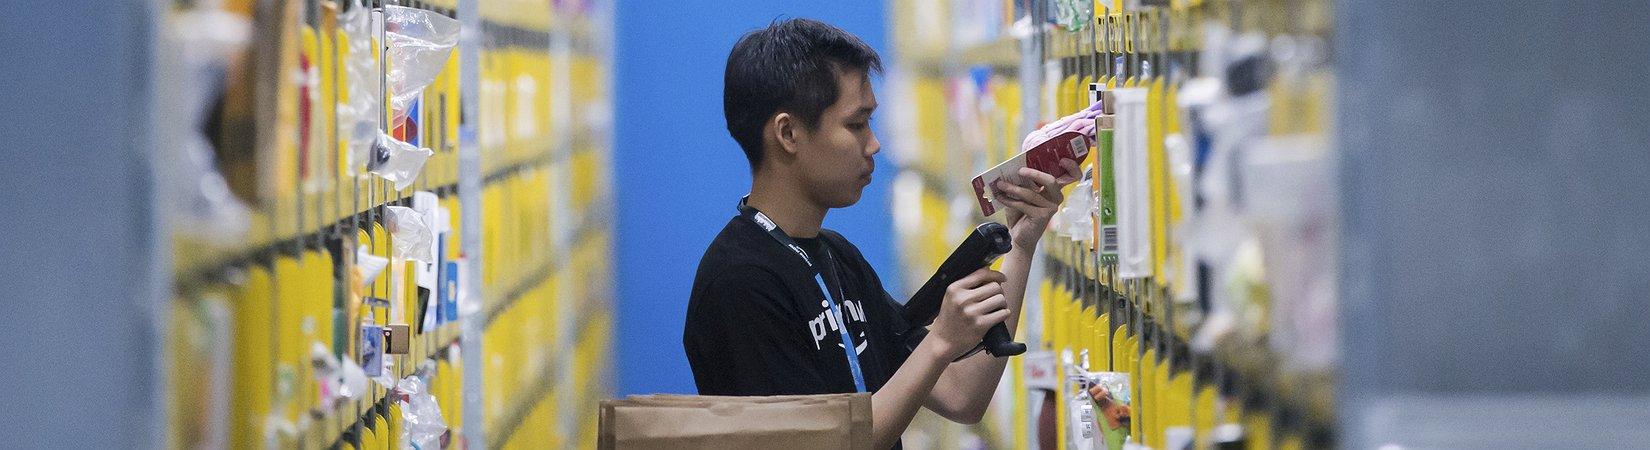 Amazon y Softbank inician una guerra por el mercado electrónico de la India